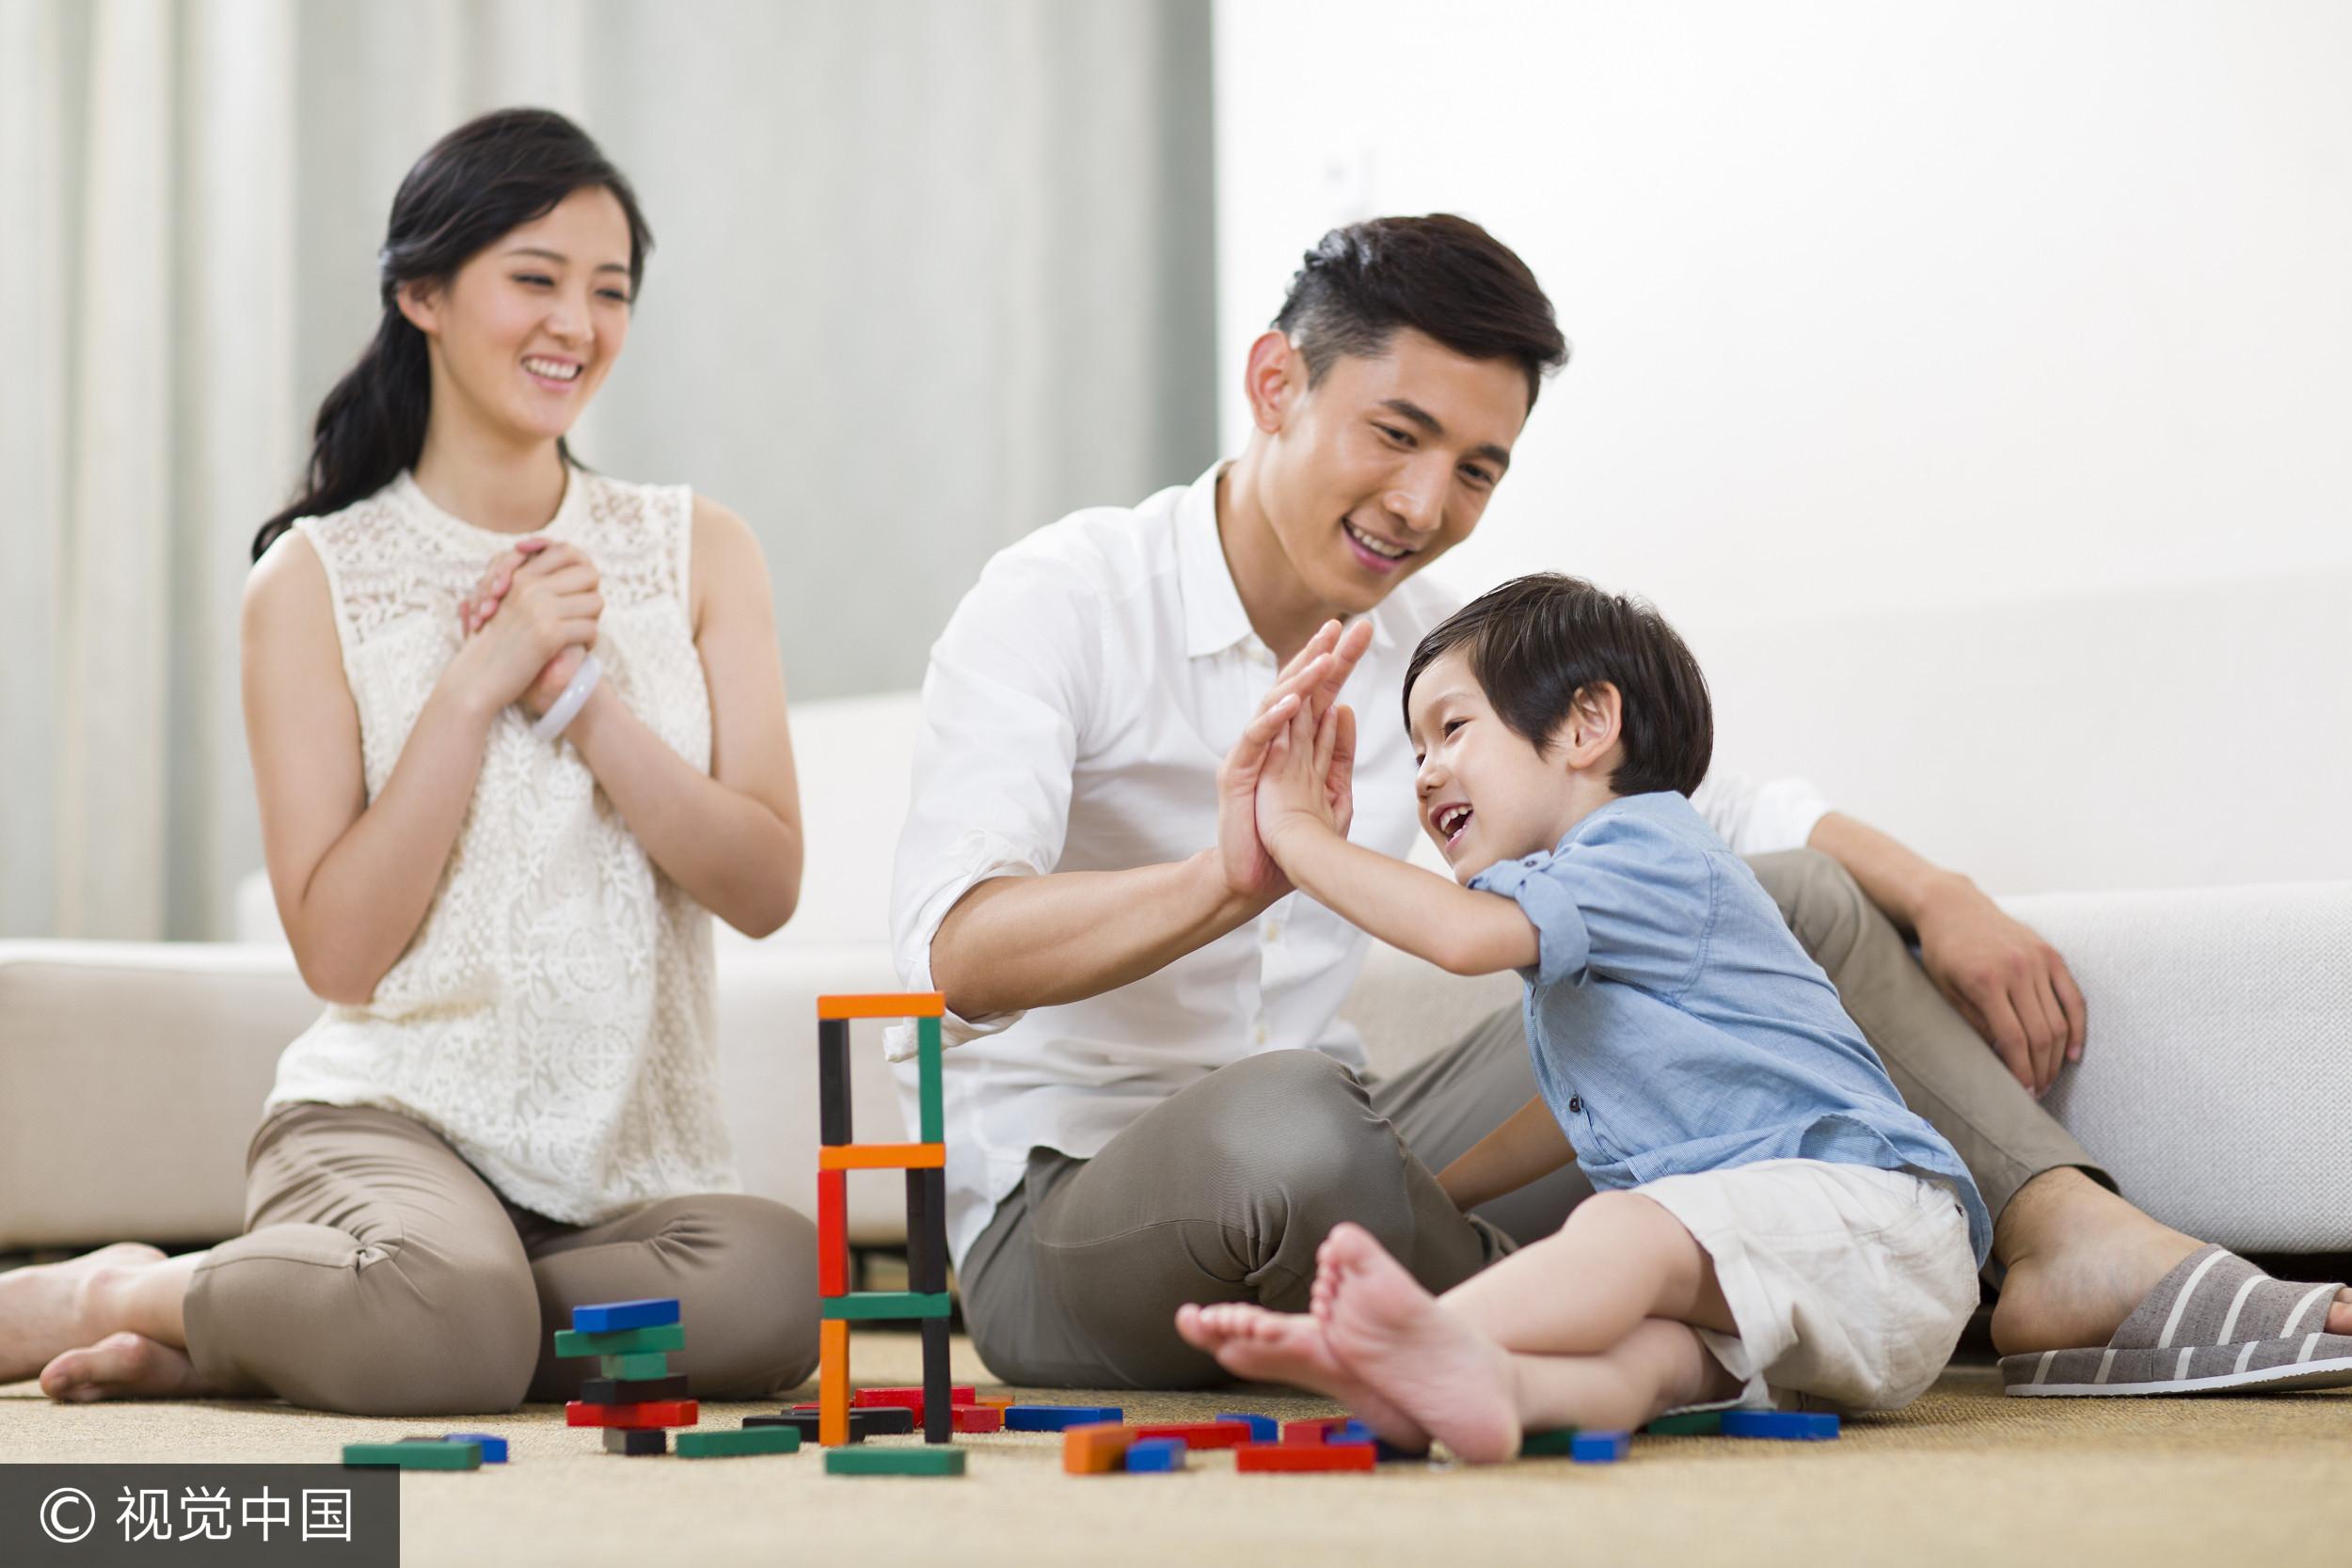 ▲聊是非用圖,家庭,親子,溫馨(圖/視覺中國CFP提供)